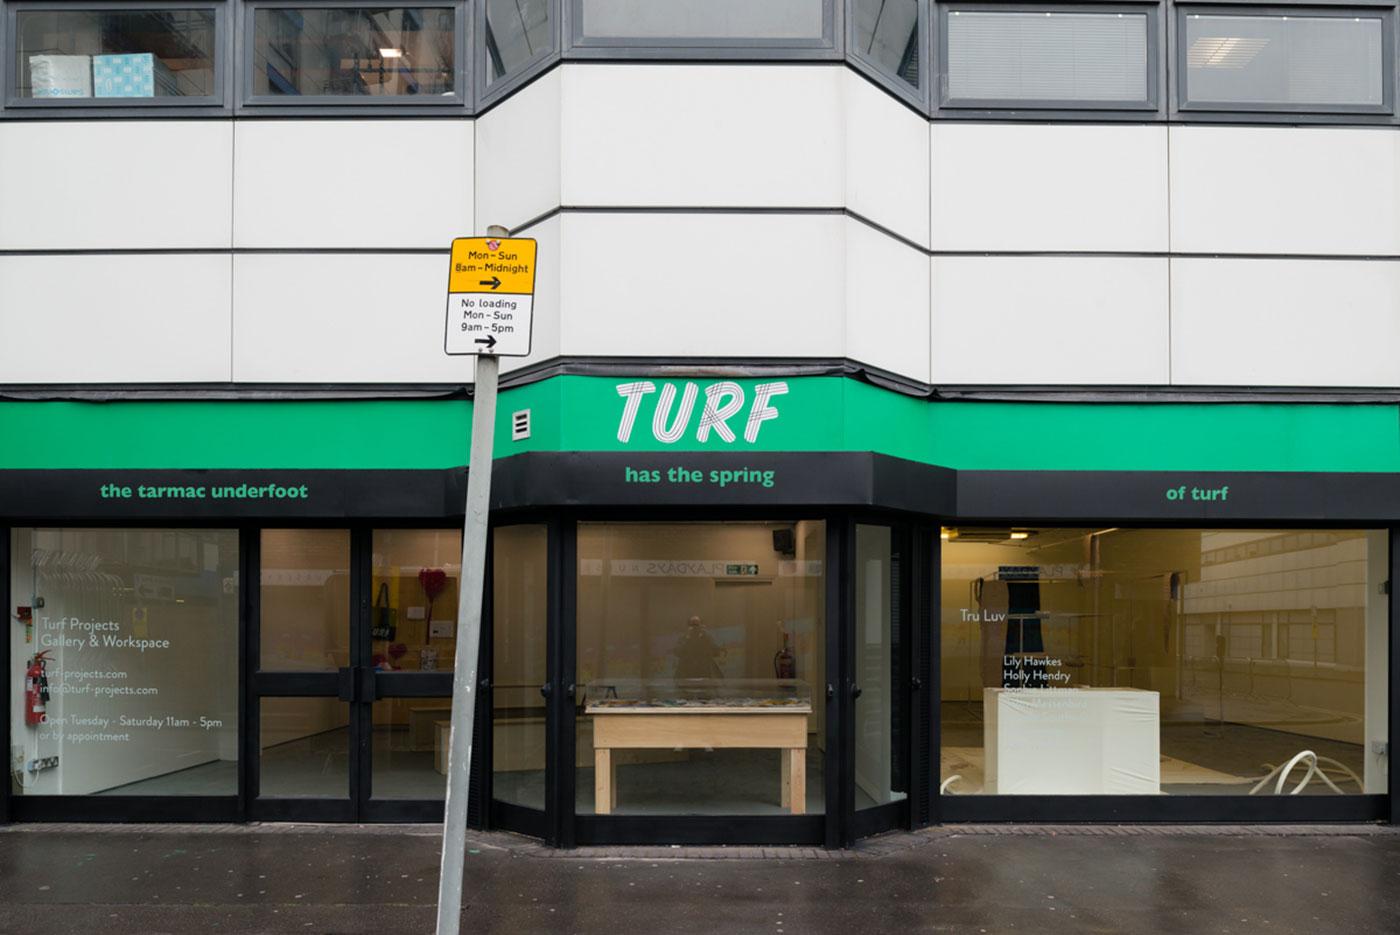 Turf Gallery